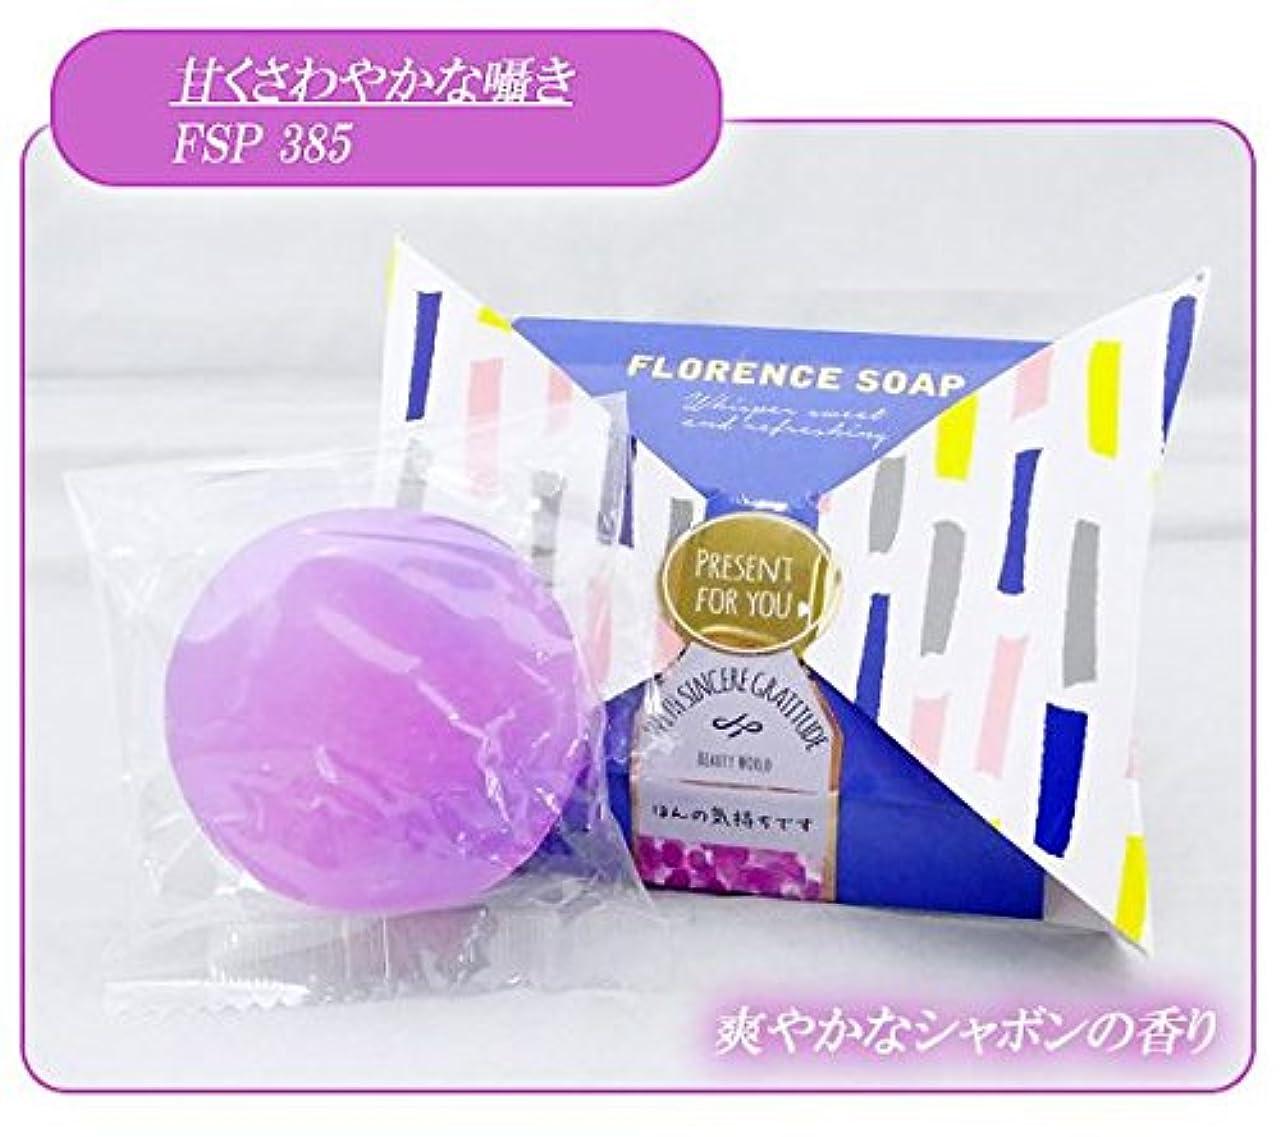 ラリーペルソナ反逆者ビューティーワールド BWフローレンスの香り石けん リボンパッケージ 6個セット 甘くさわやかな囁き